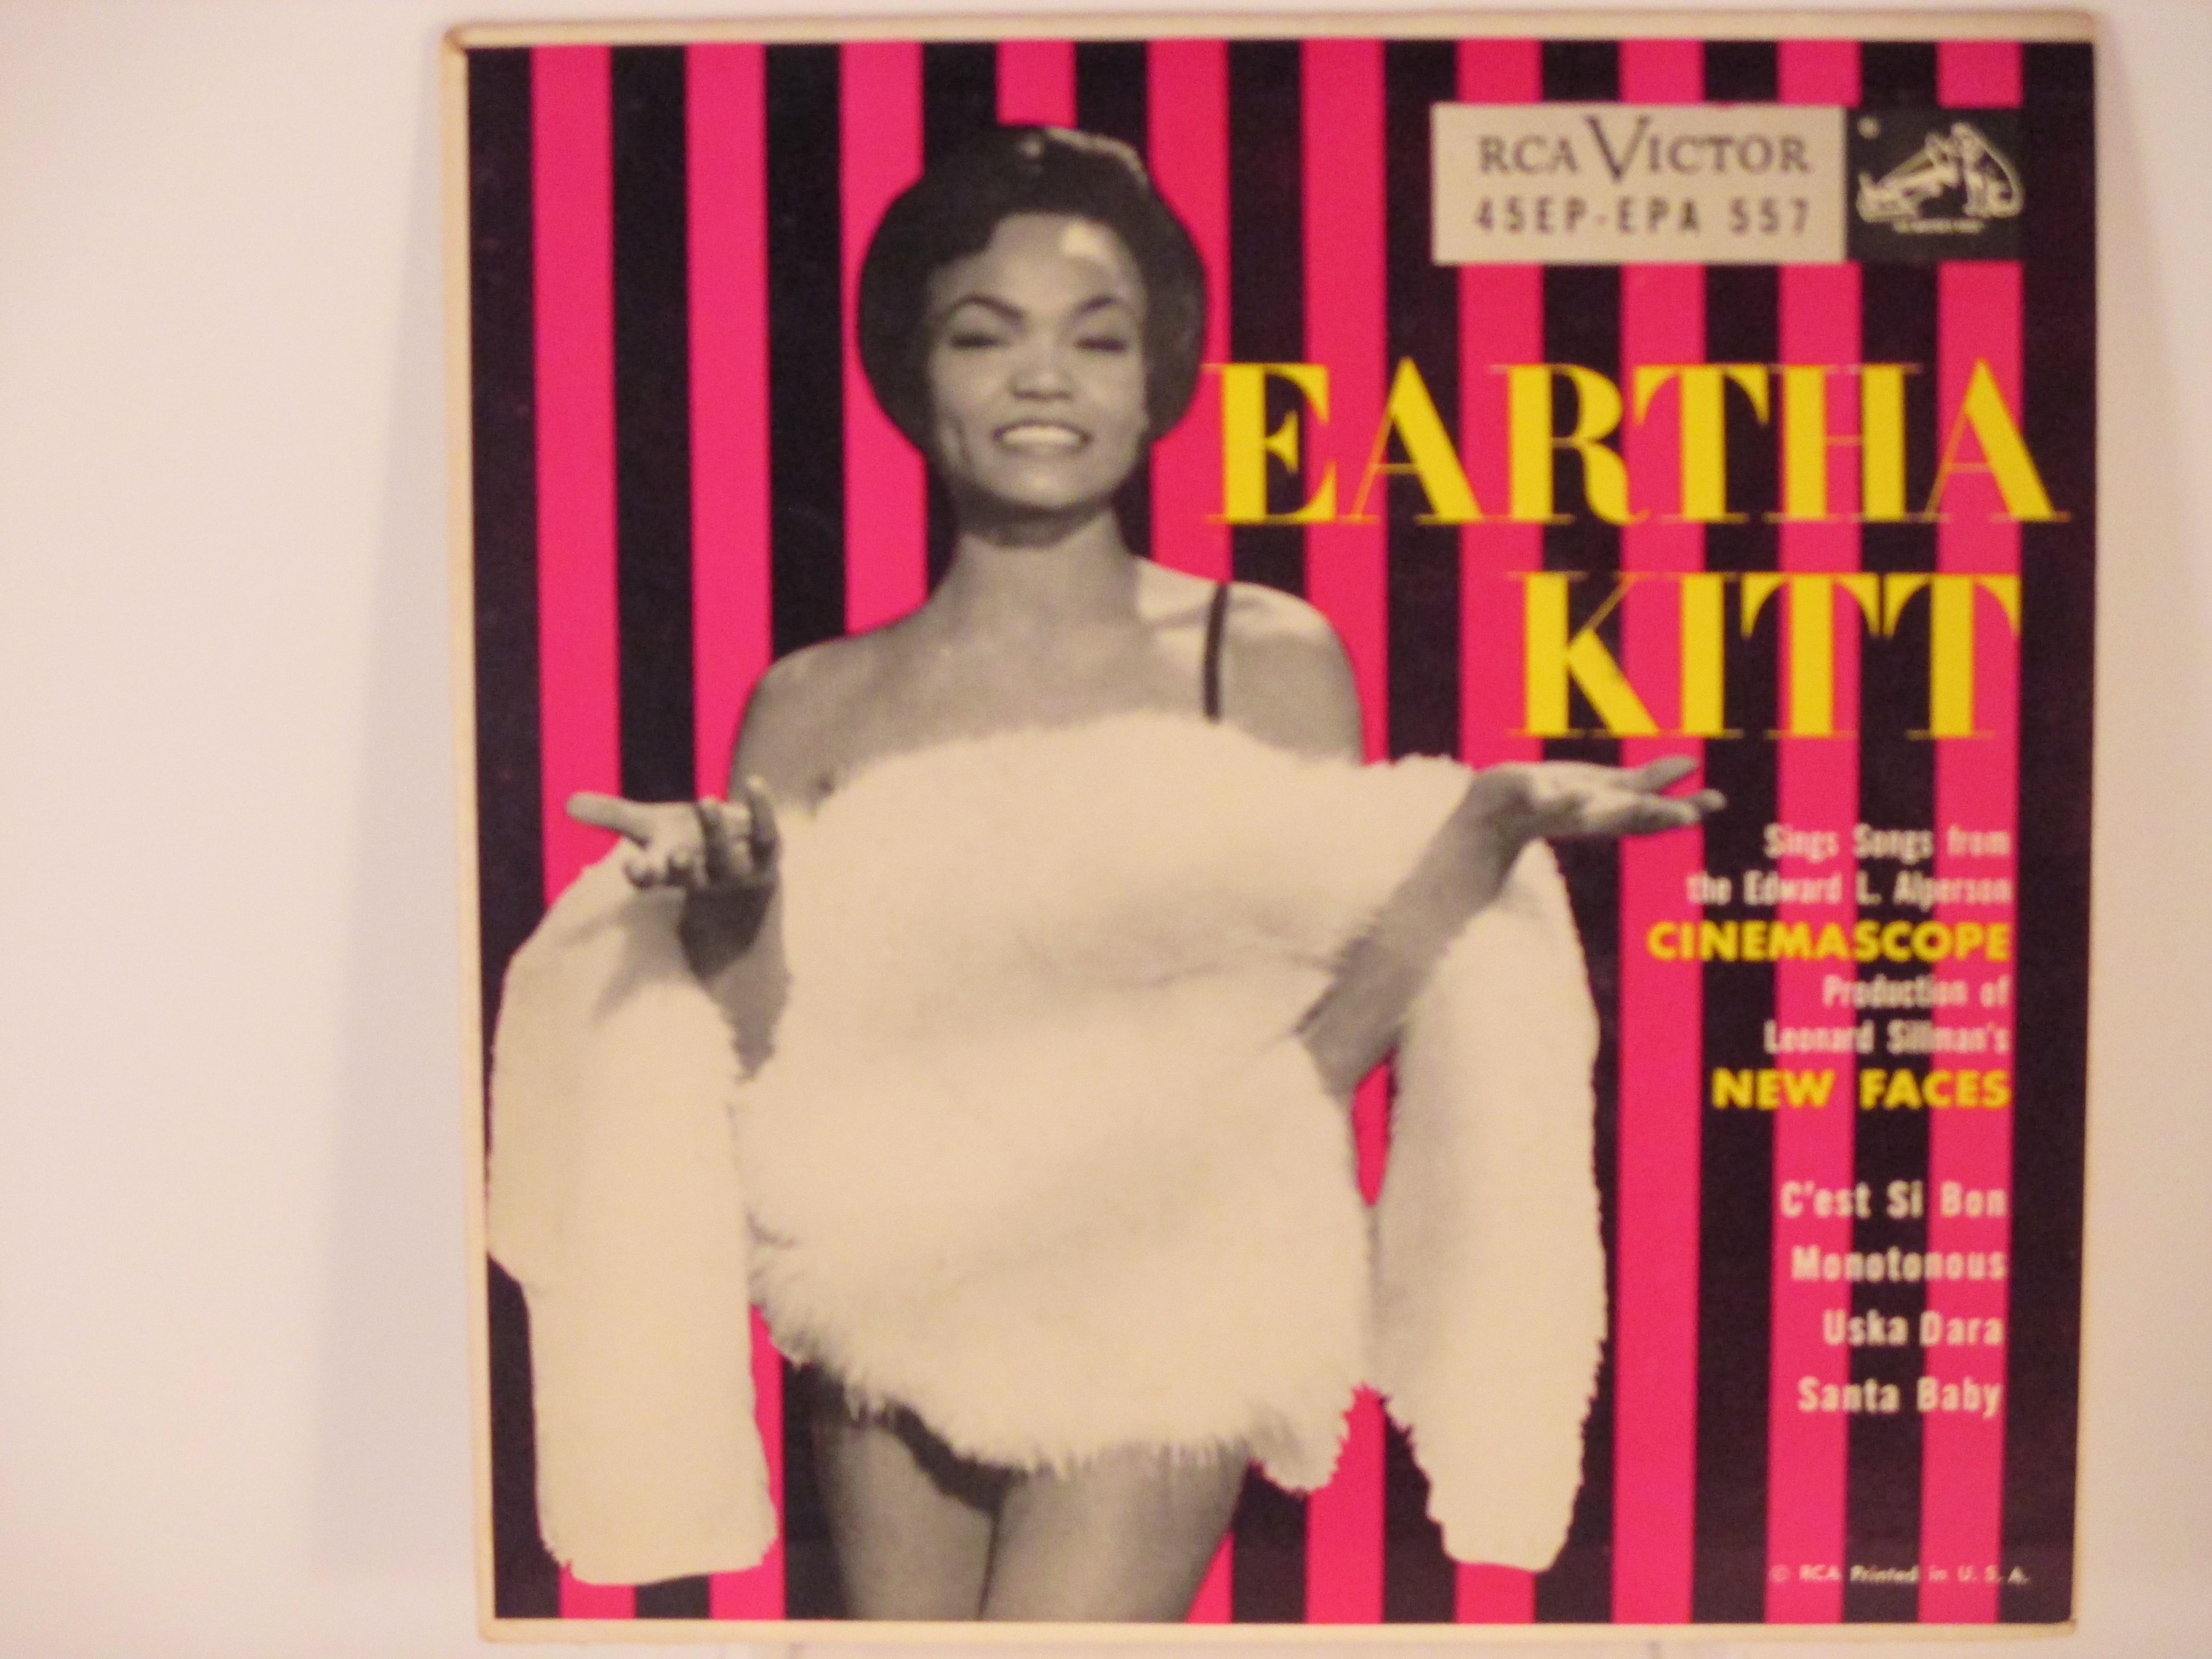 EARTHA KITT : (EP) C'est si bon / Monotonous / Uska dara / Santa baby